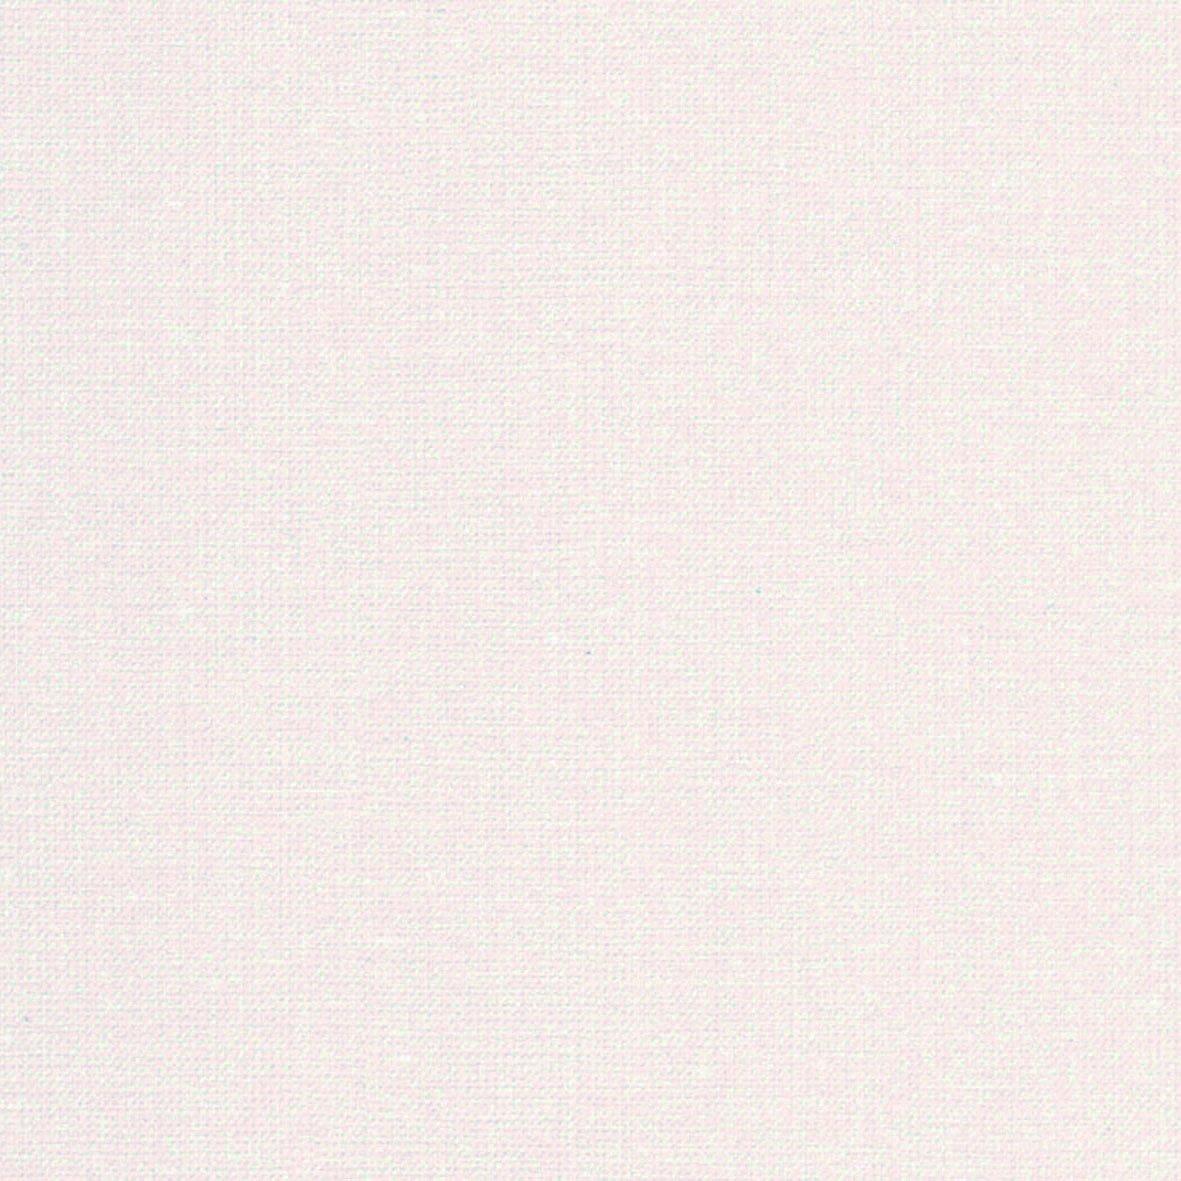 リリカラ 壁紙50m シンフル 無地 ホワイト LL-8595 B01MXHOLP6 50m ホワイト